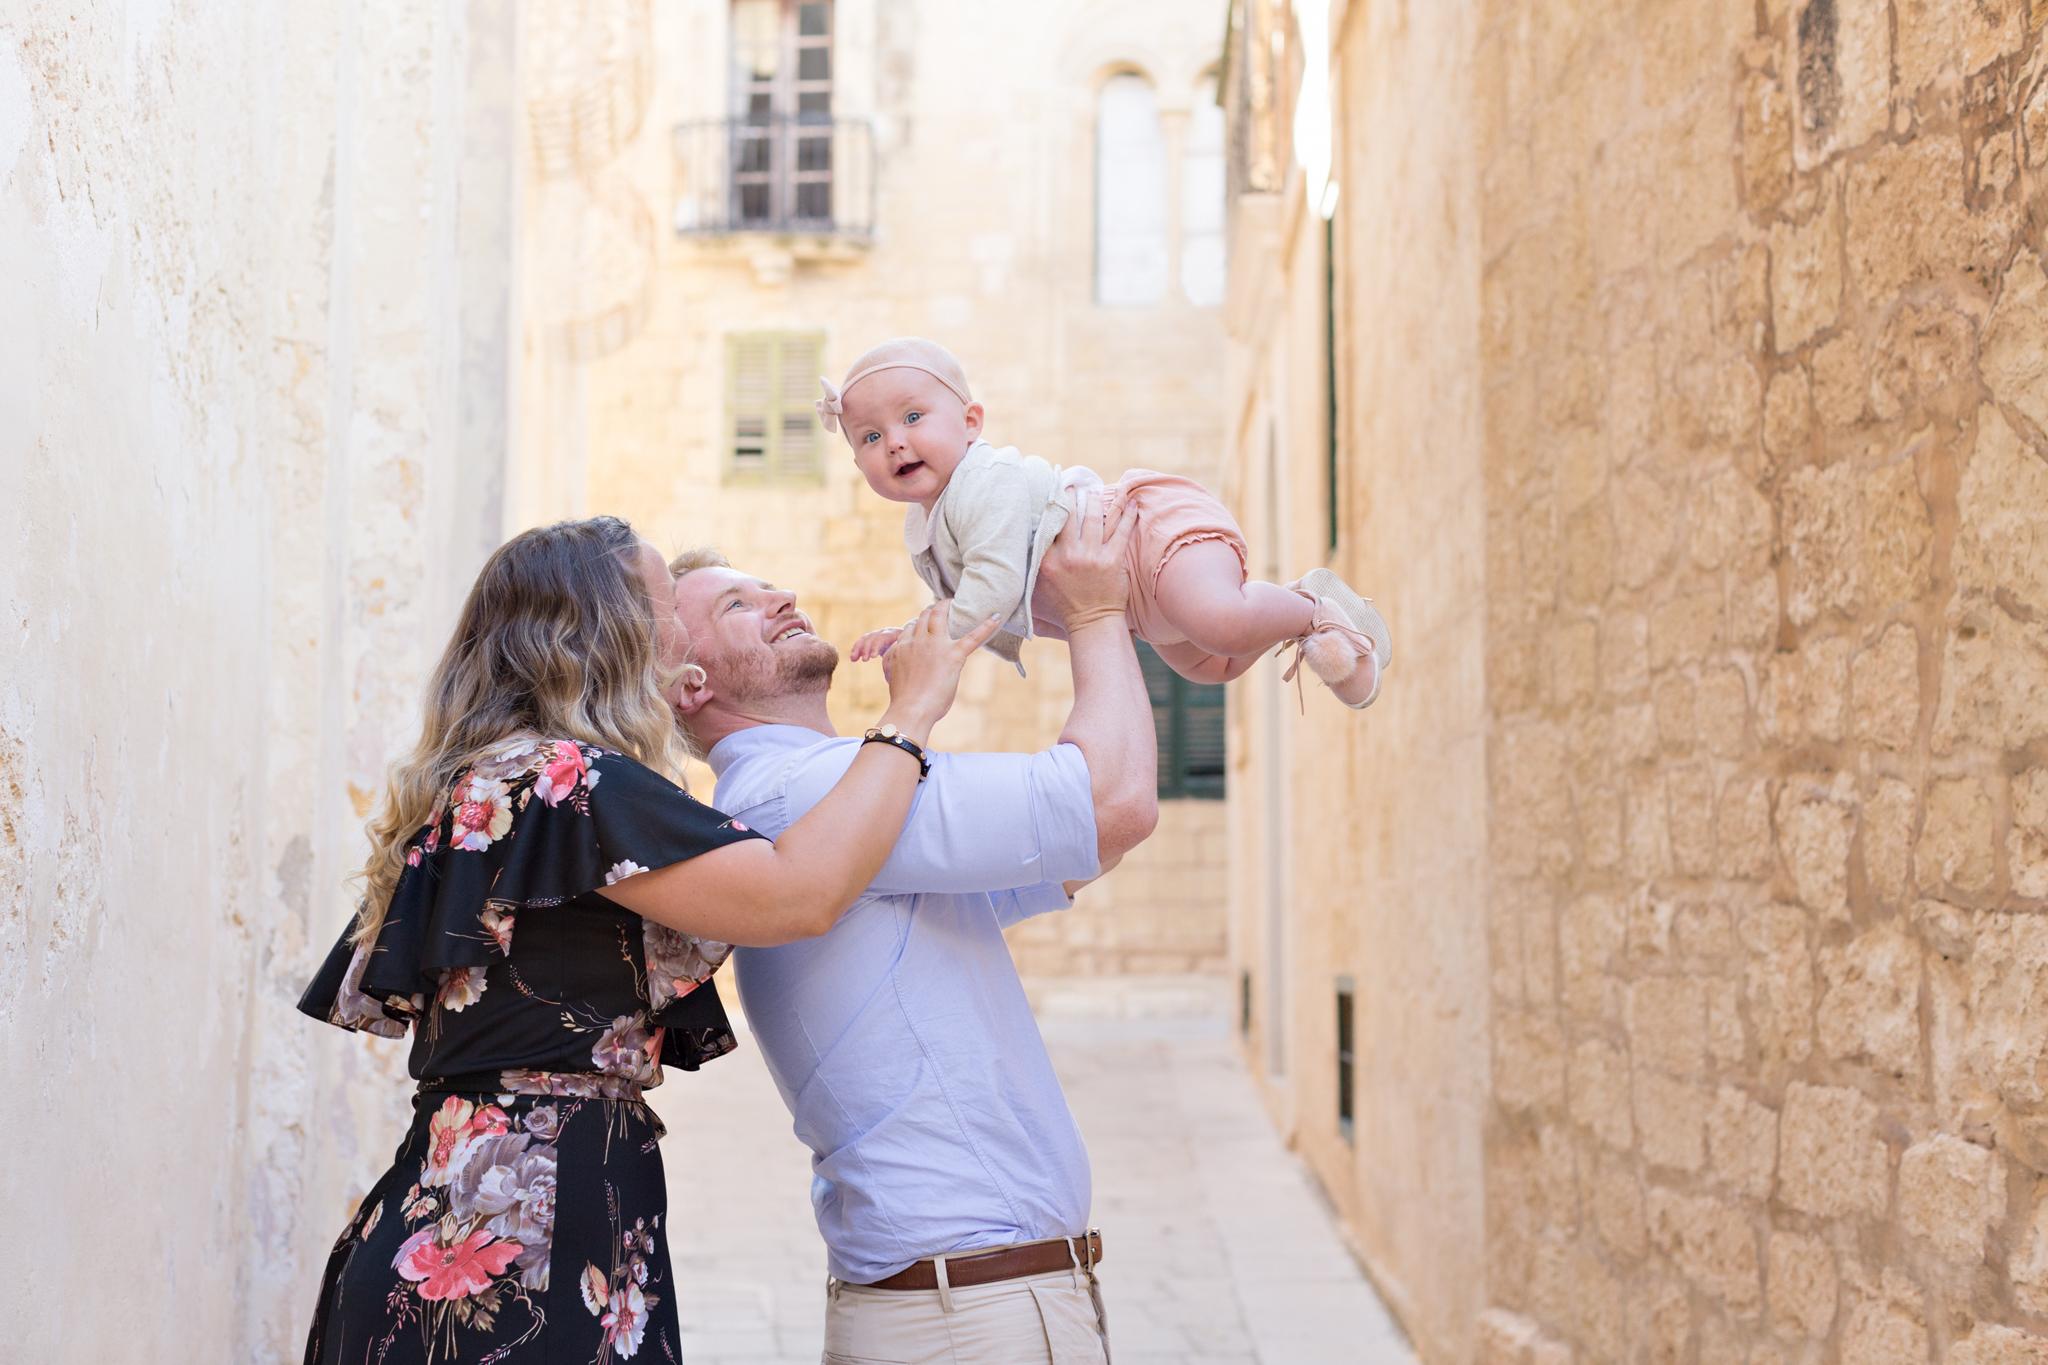 family photo shoot malta, family photography malta, family photos malta, svensk fotograf malta, best family photographer malta, unique photography malta, natural light photography